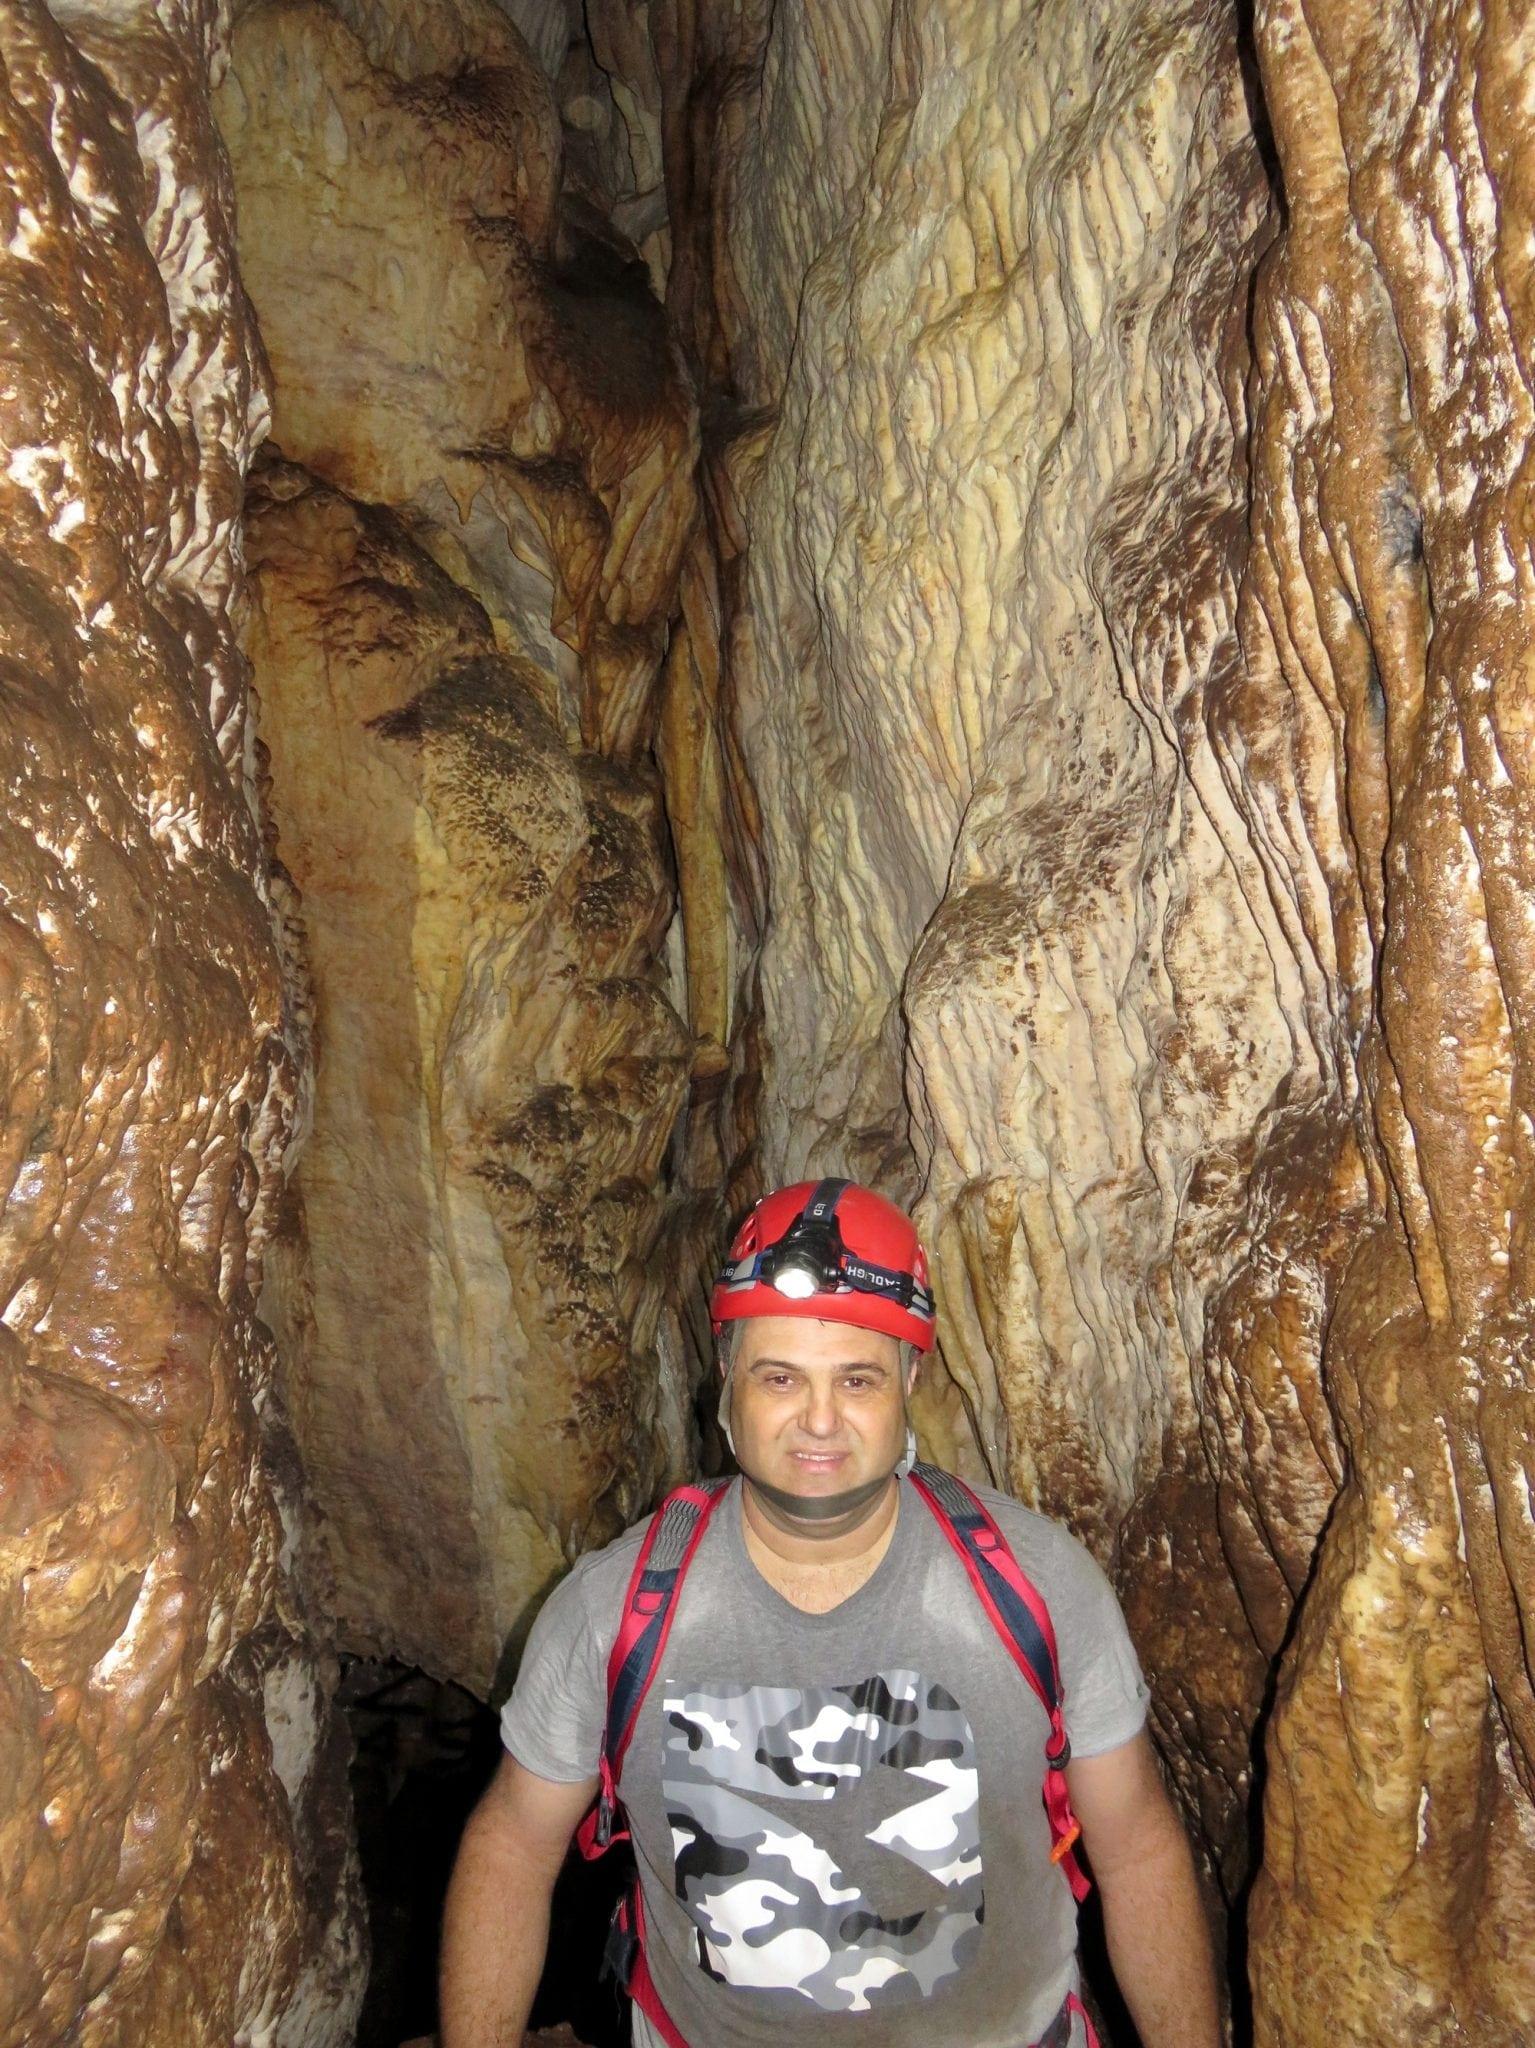 טיול במערת עלמה - ערוצים בטבע